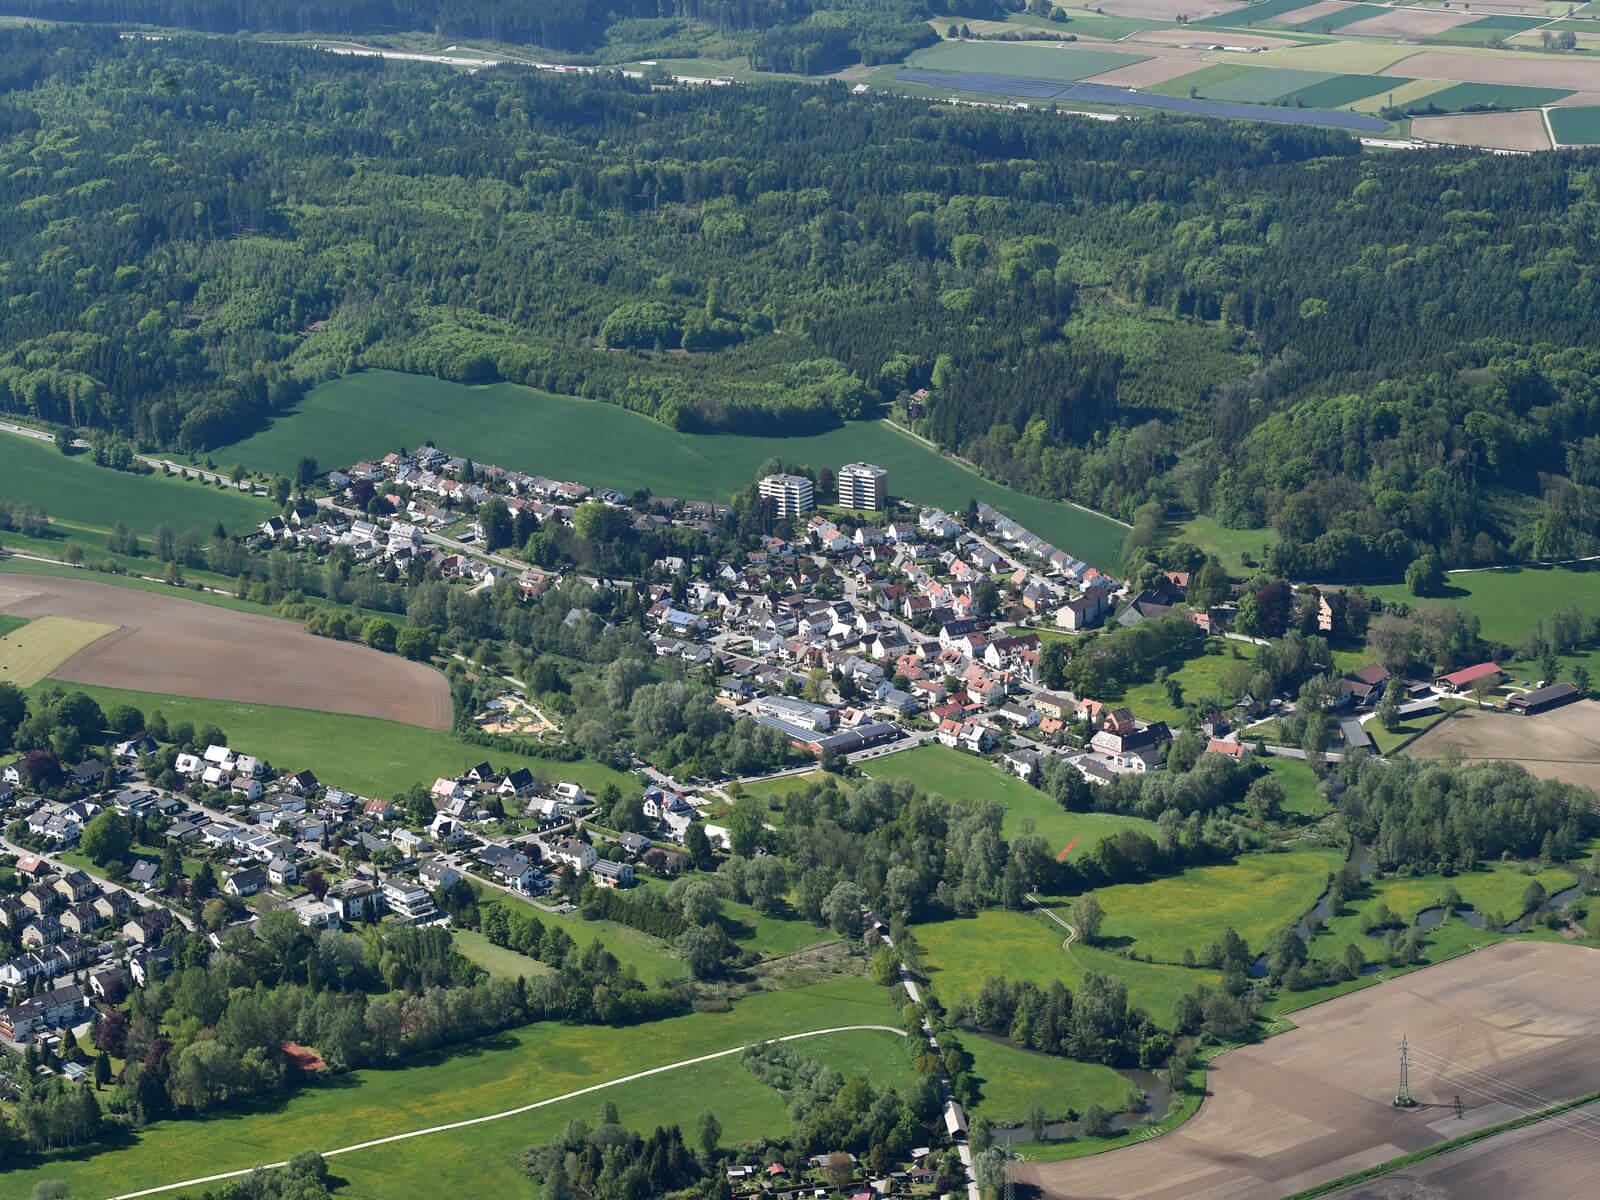 Blick über den Stadtteil Hammel auf den Naturpark Augsburg-Westliche Wälder. Foto: Marcus Merk.